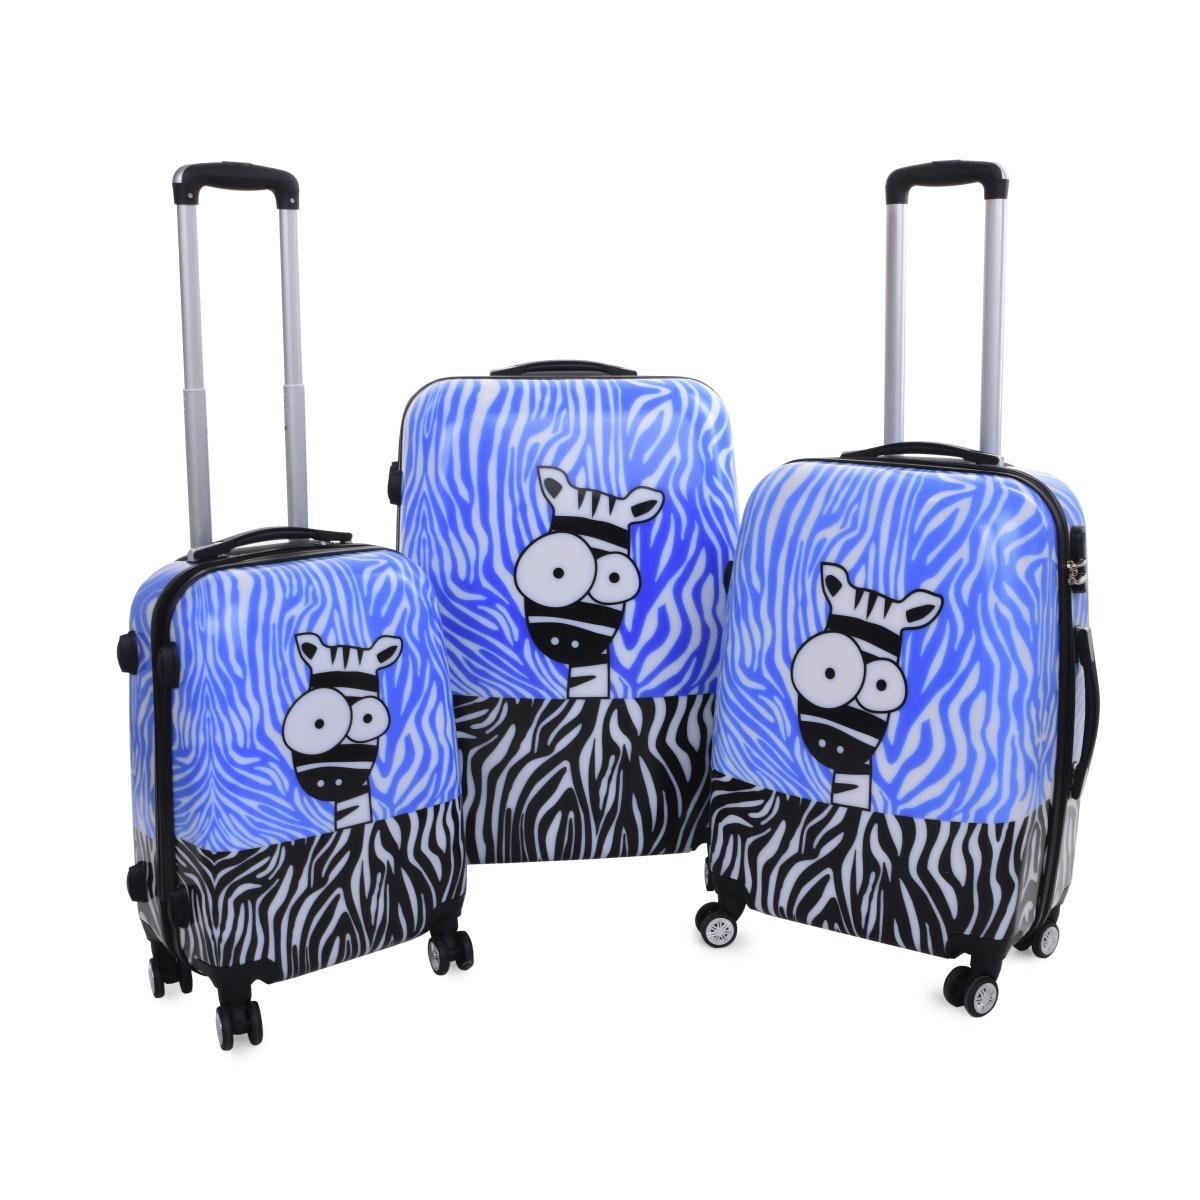 kufry zebra